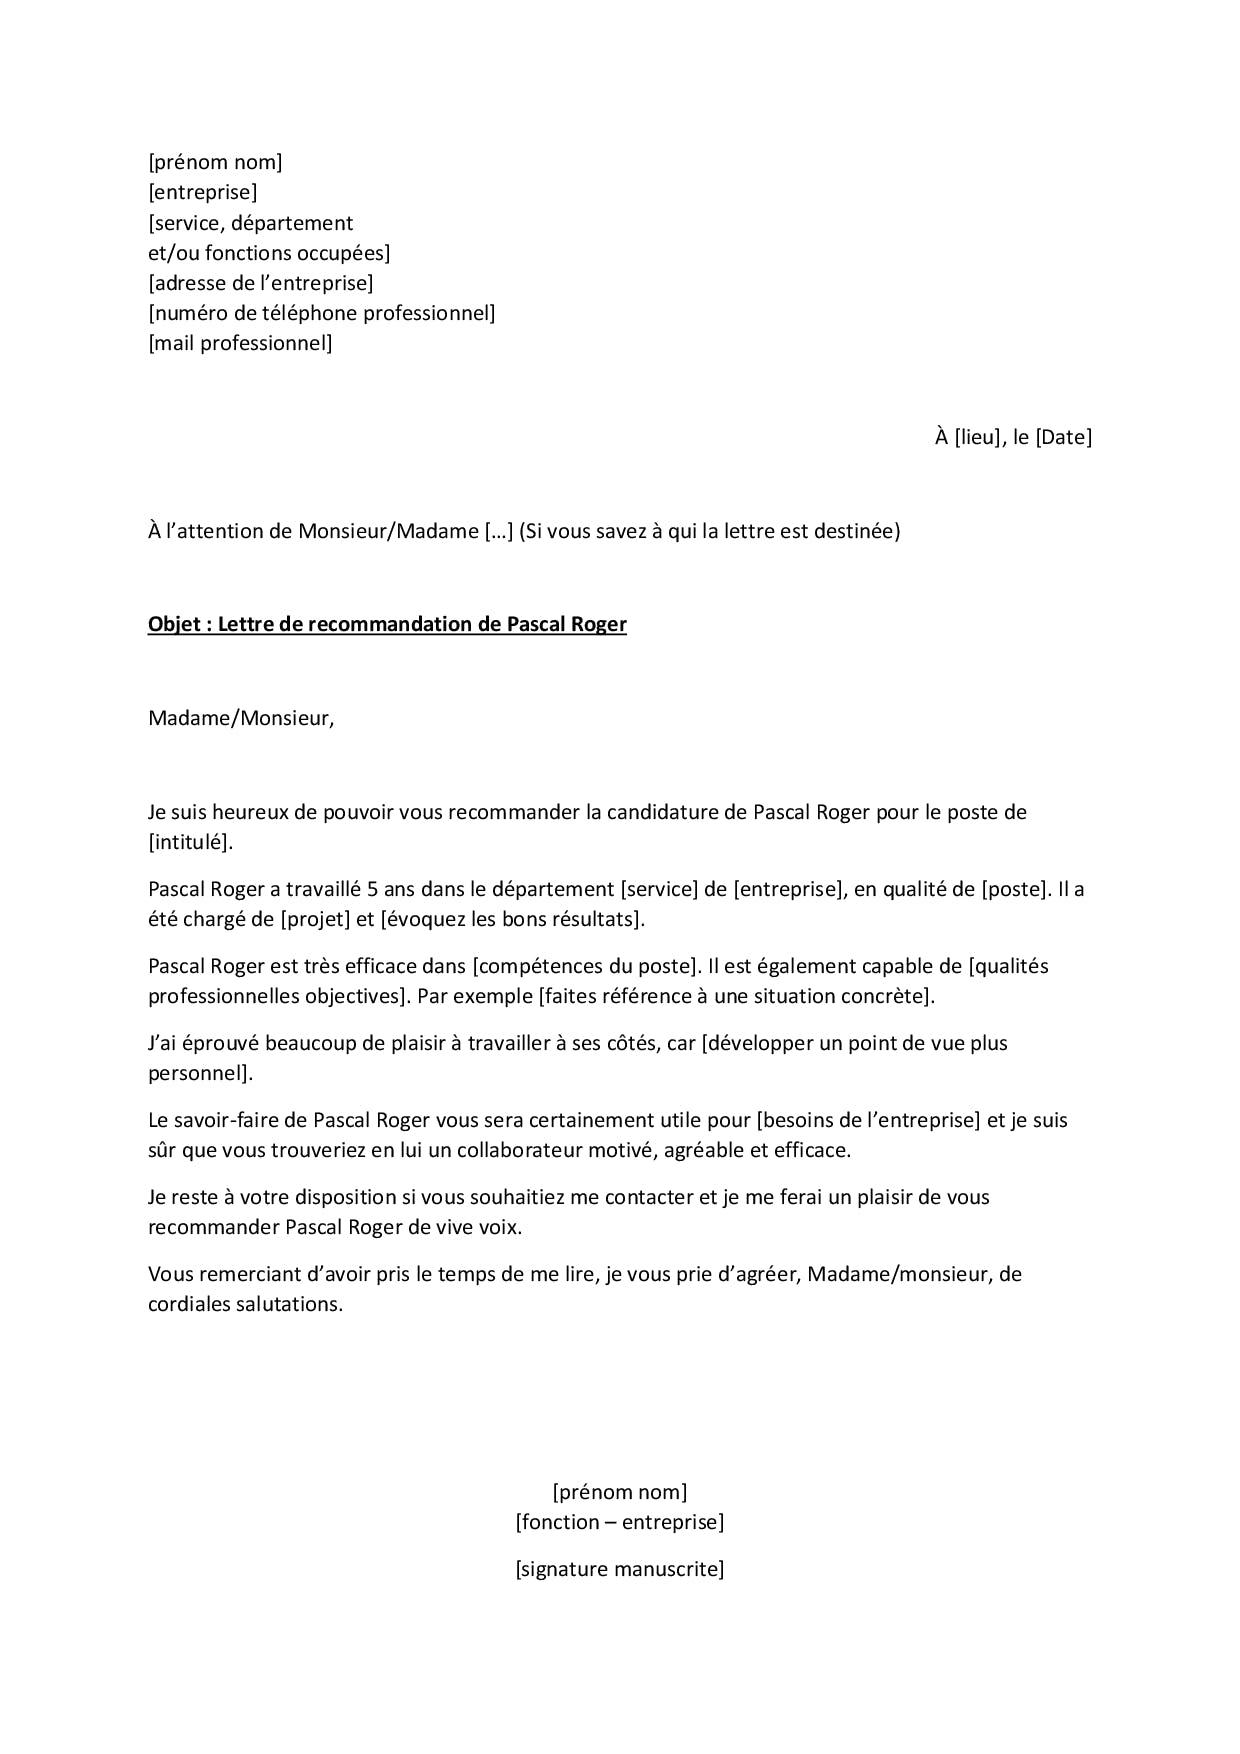 Exemple de lettre de recommandation pour un ancien collègue ou un ancien salarié